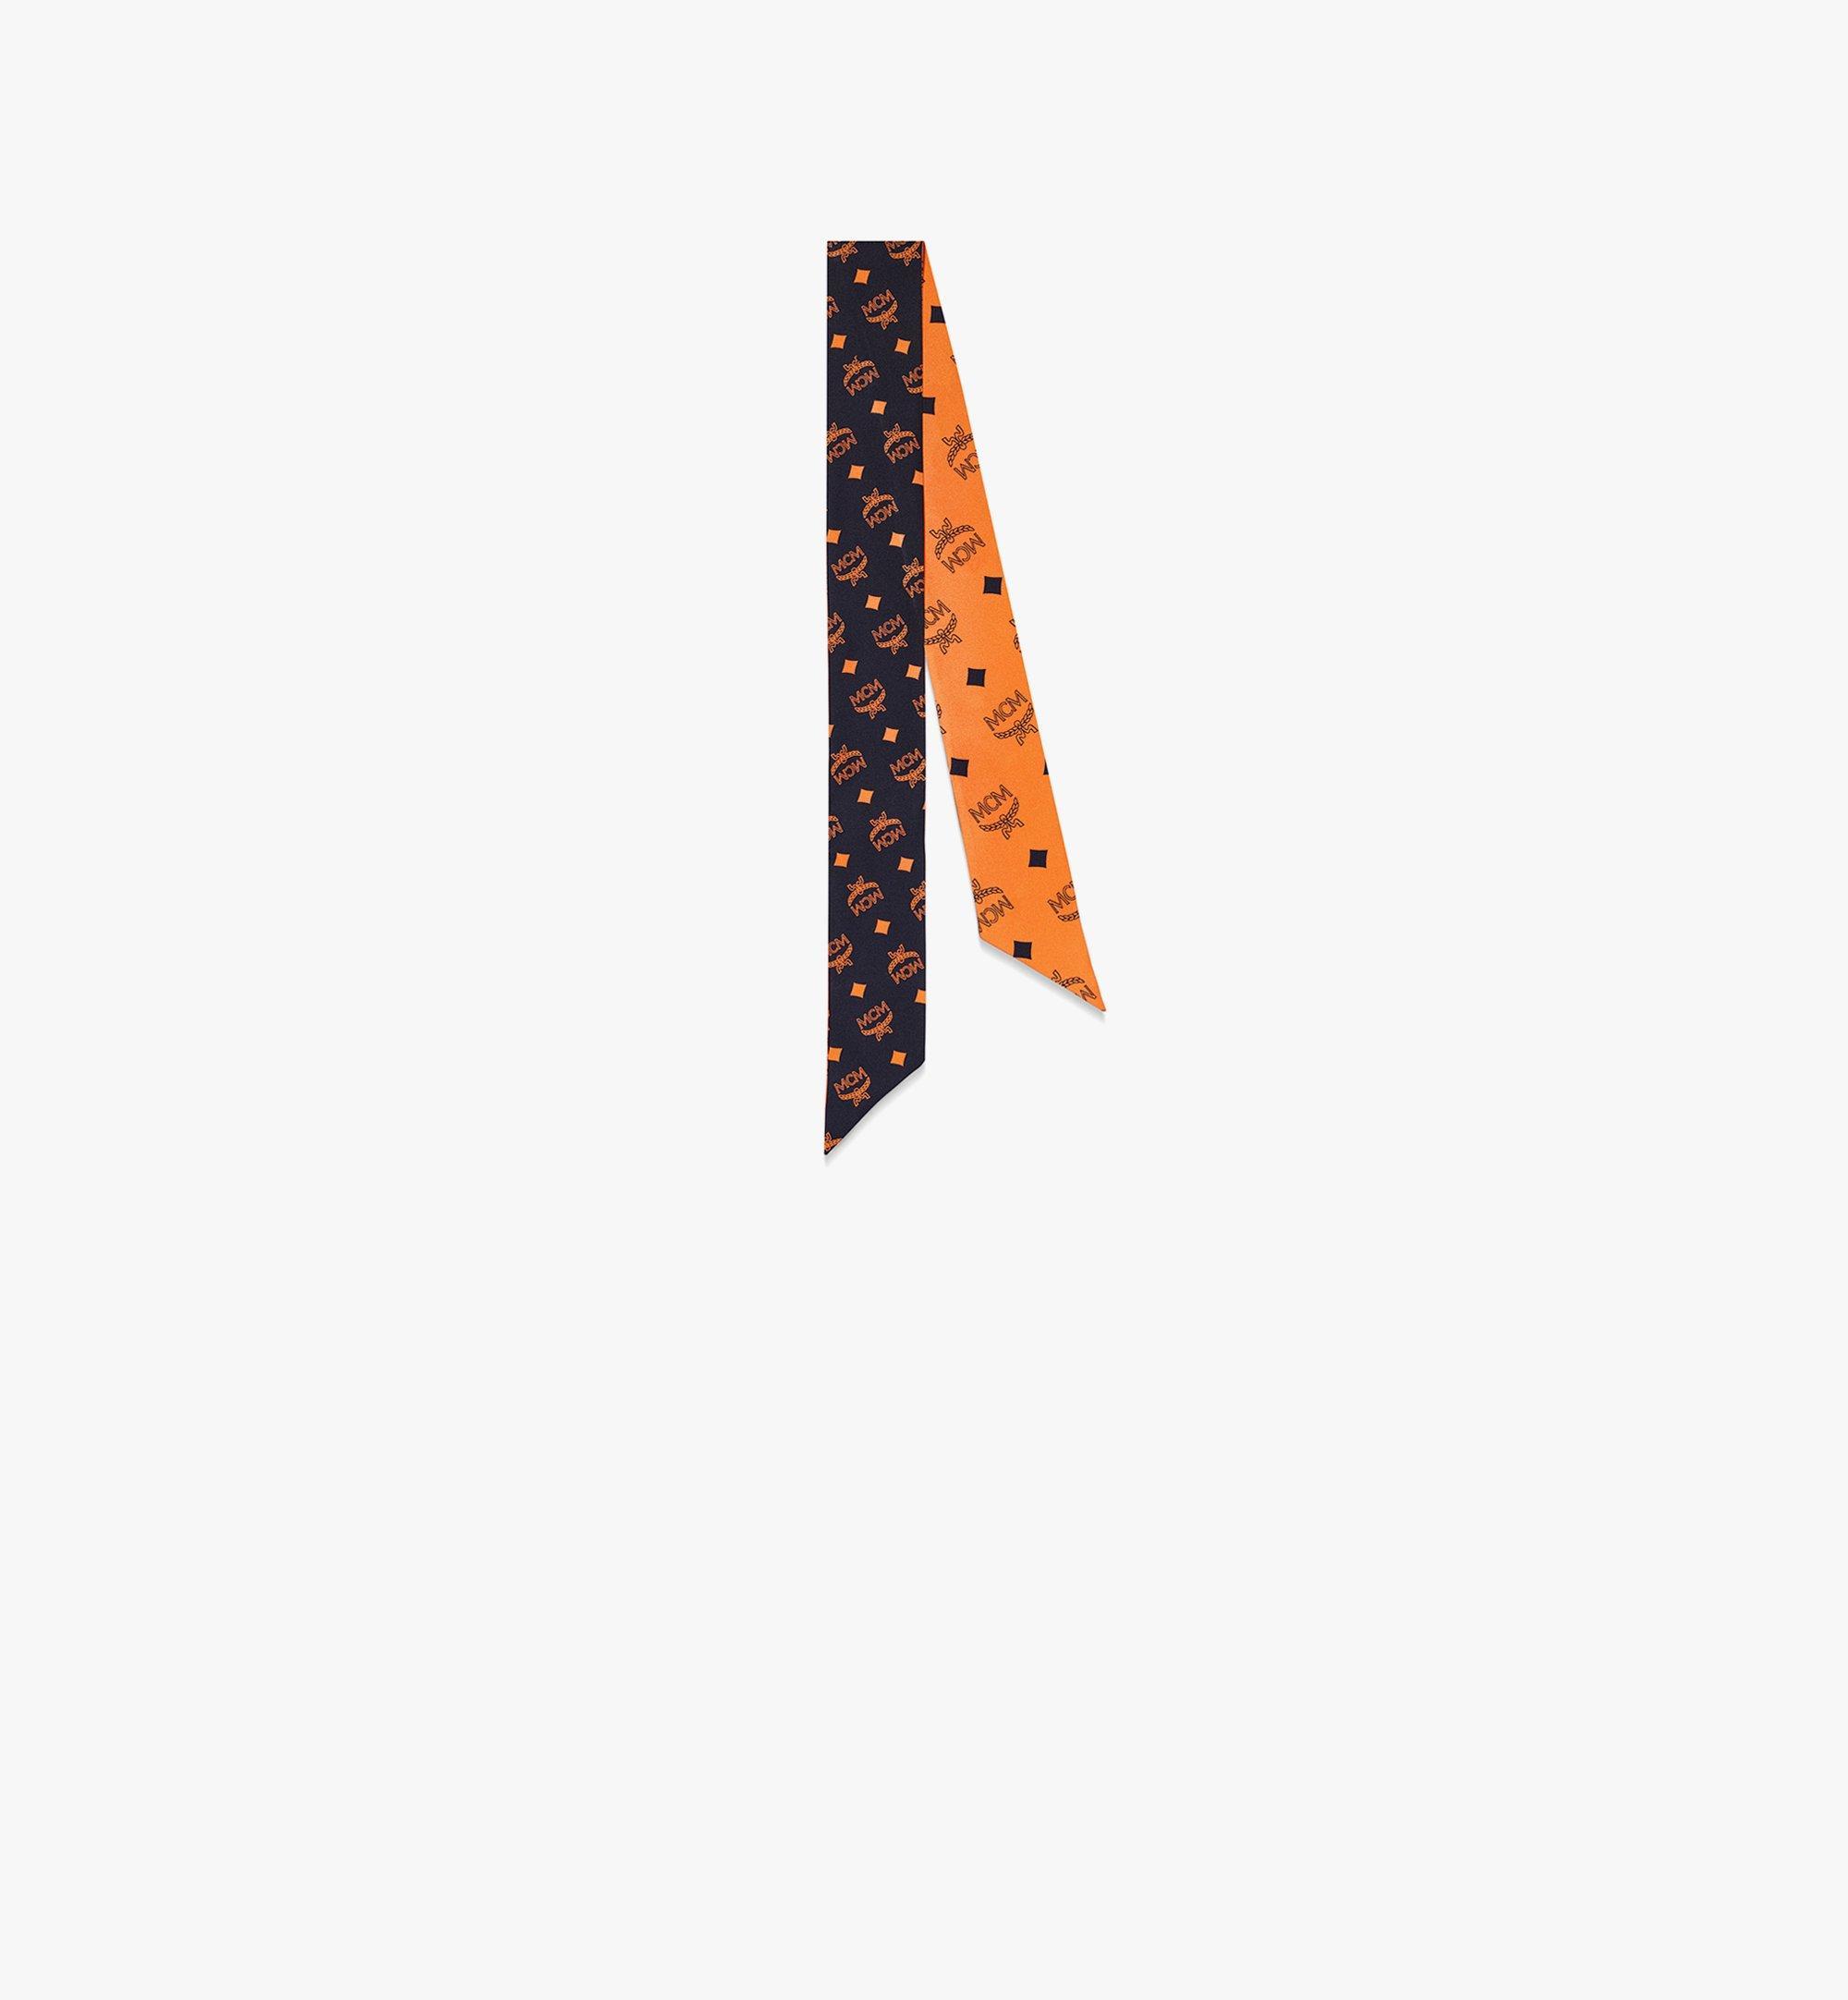 MCM Seidentuch mit Monogramm Orange MEFBSMM12O9001 Noch mehr sehen 1